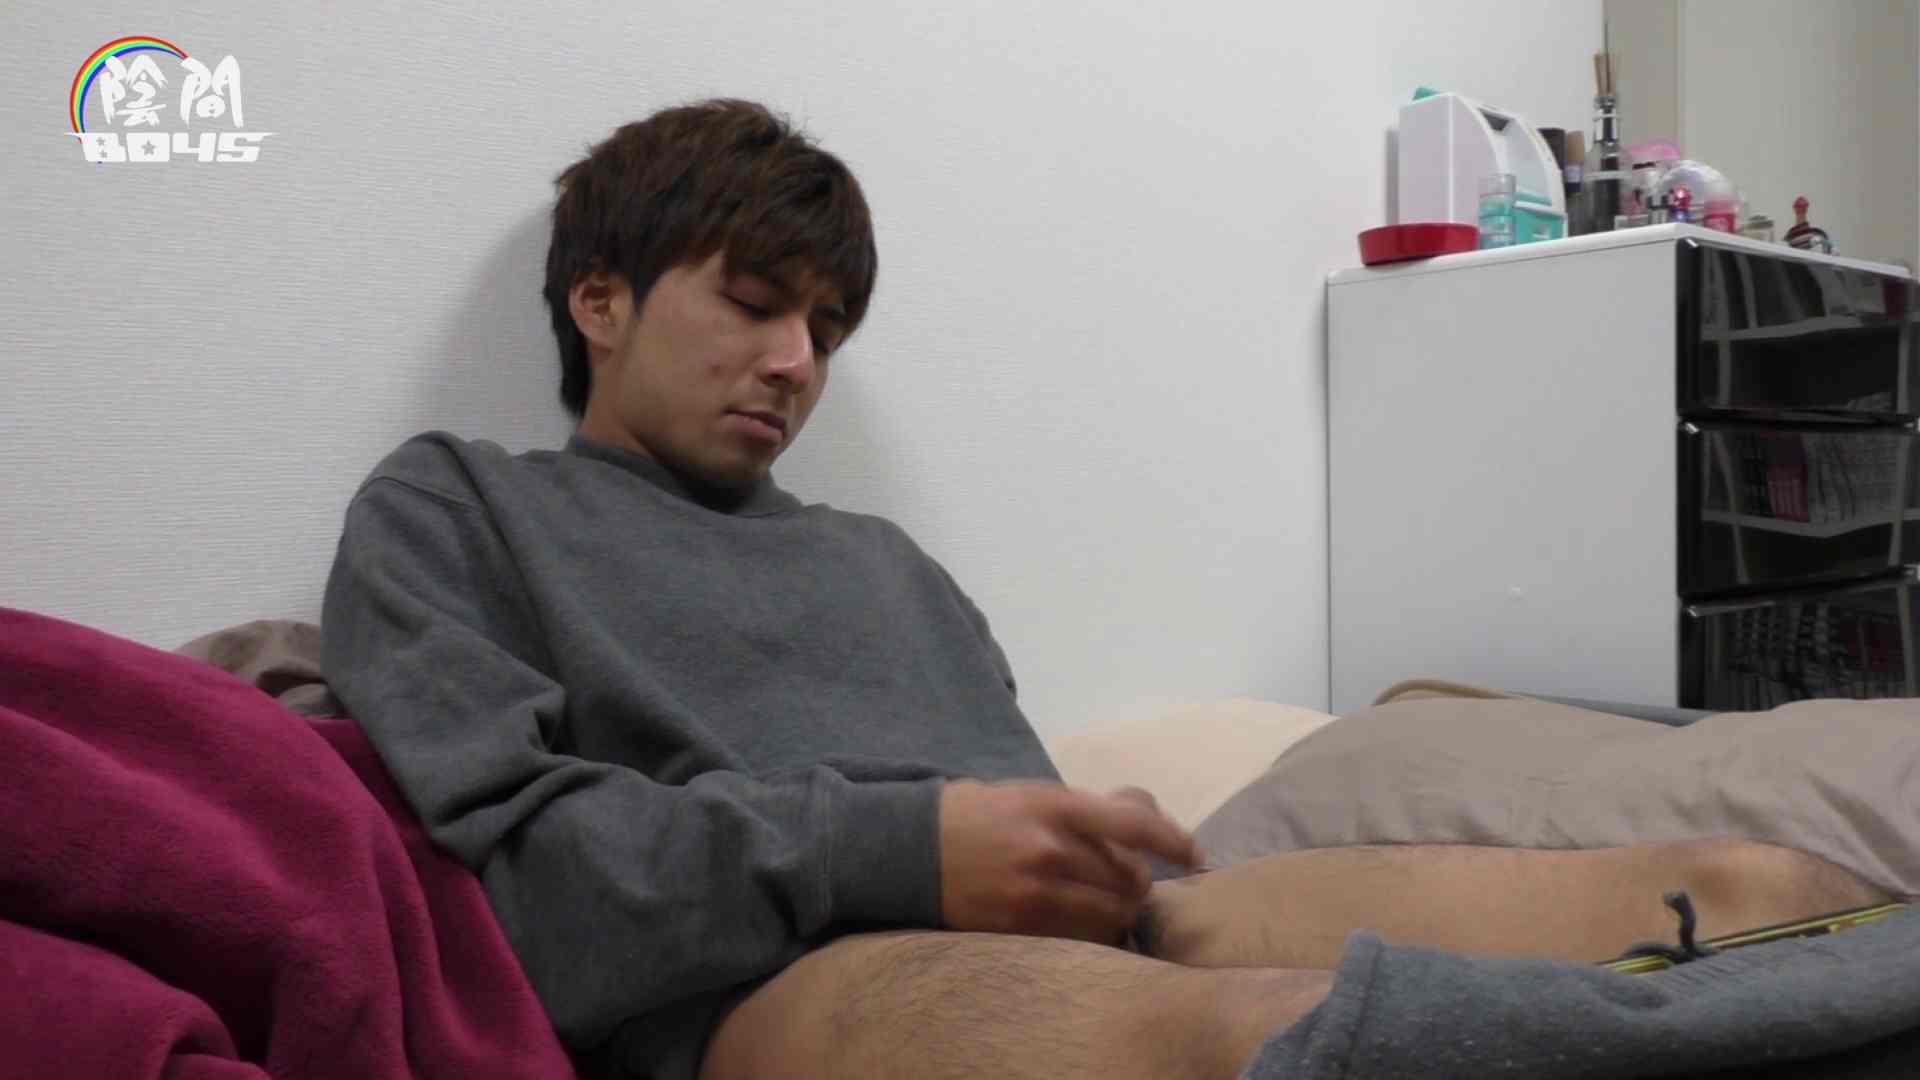 アナルは決して眠らない No.01 仰天アナル ゲイフリーエロ画像 110pic 6